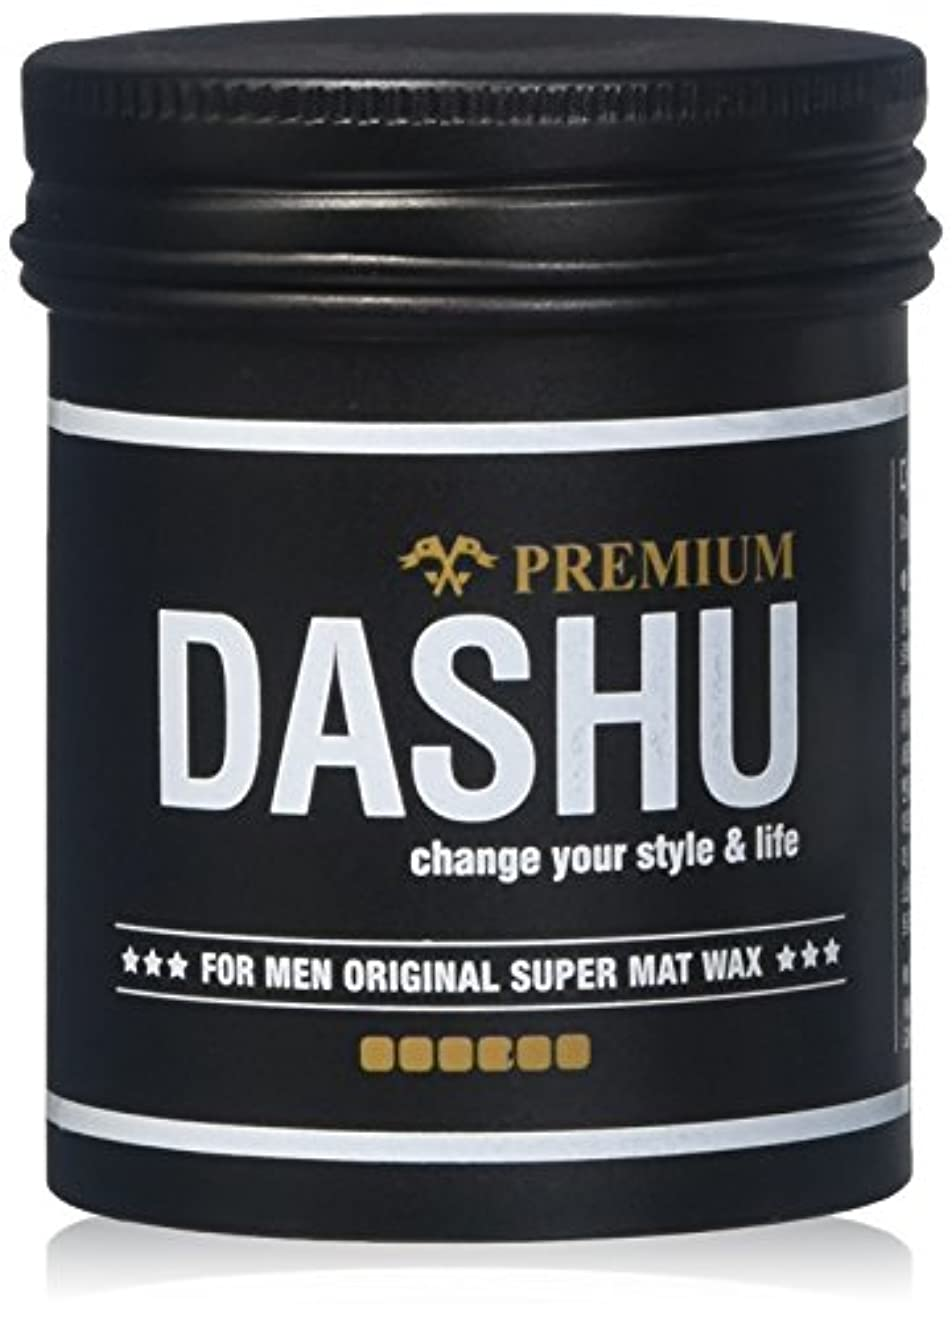 評価短命廃棄[DASHU] ダシュ For Men男性用 オリジナルプレミアムスーパーマットワックス Original Premium Super Mat Wax 100ml / 韓国製 . 韓国直送品